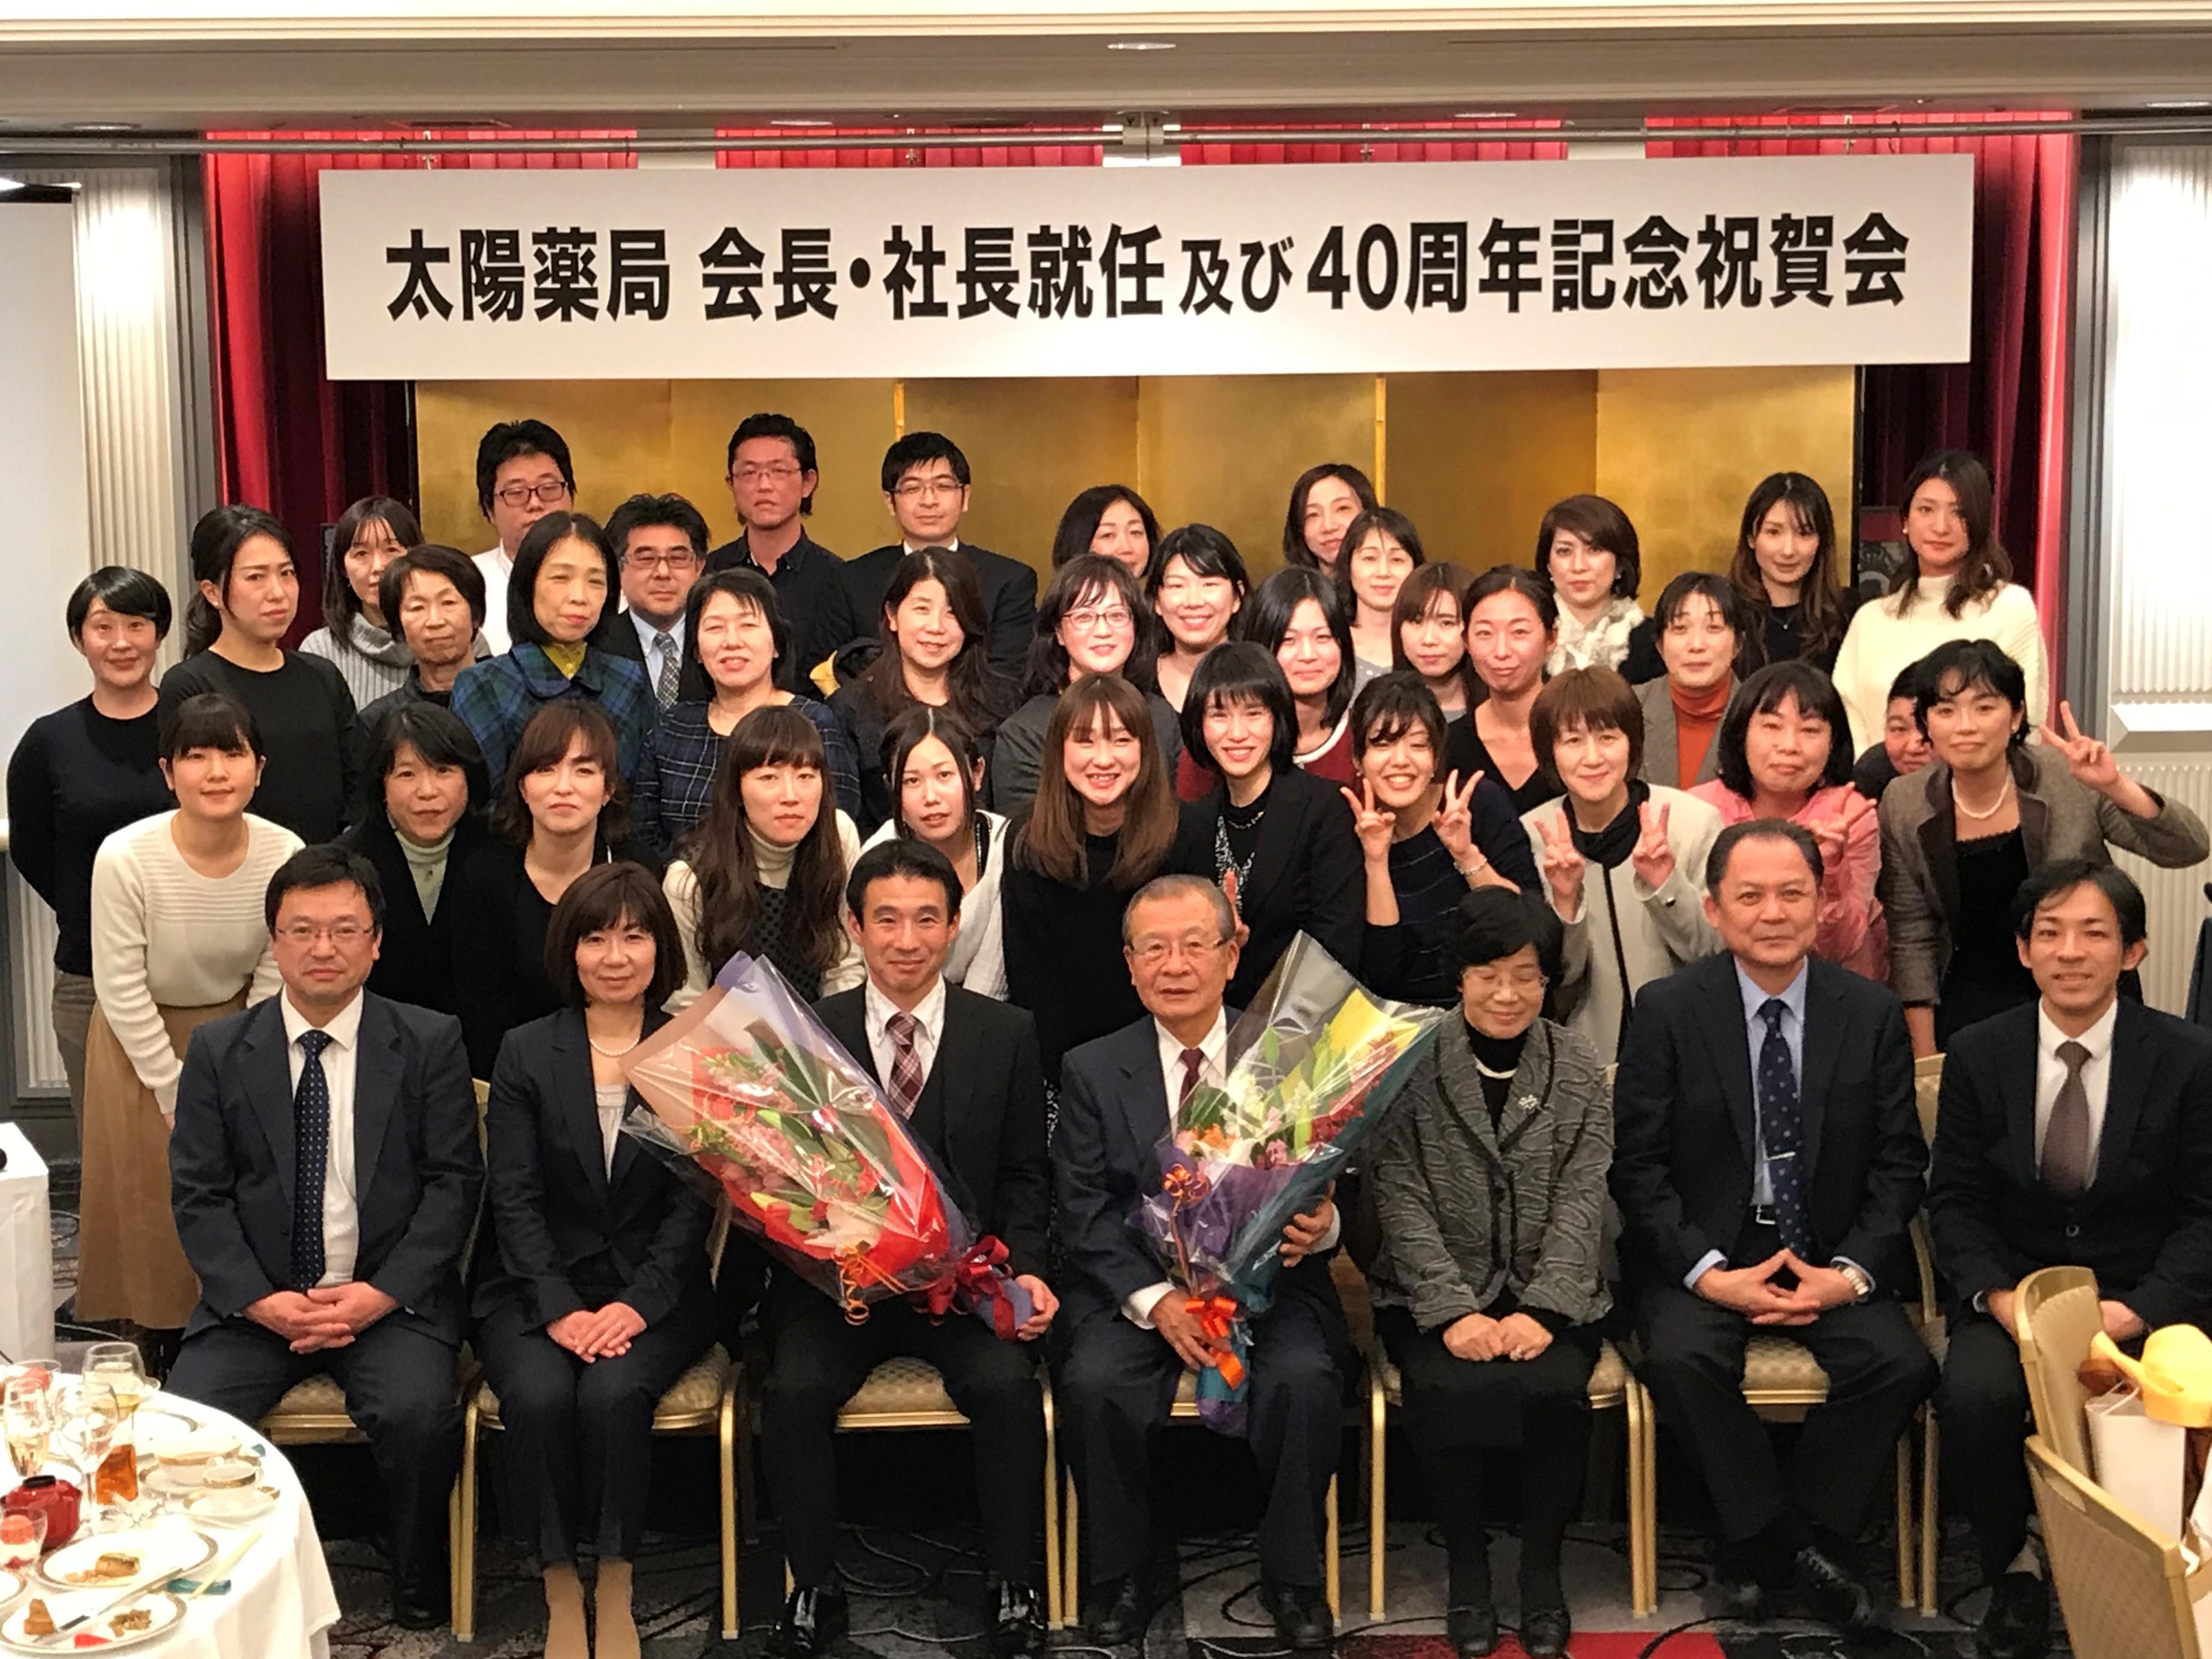 太陽薬局☀会長・社長就任 および 40周年記念祝賀会 を行いました・・・ヽ(^o^)丿